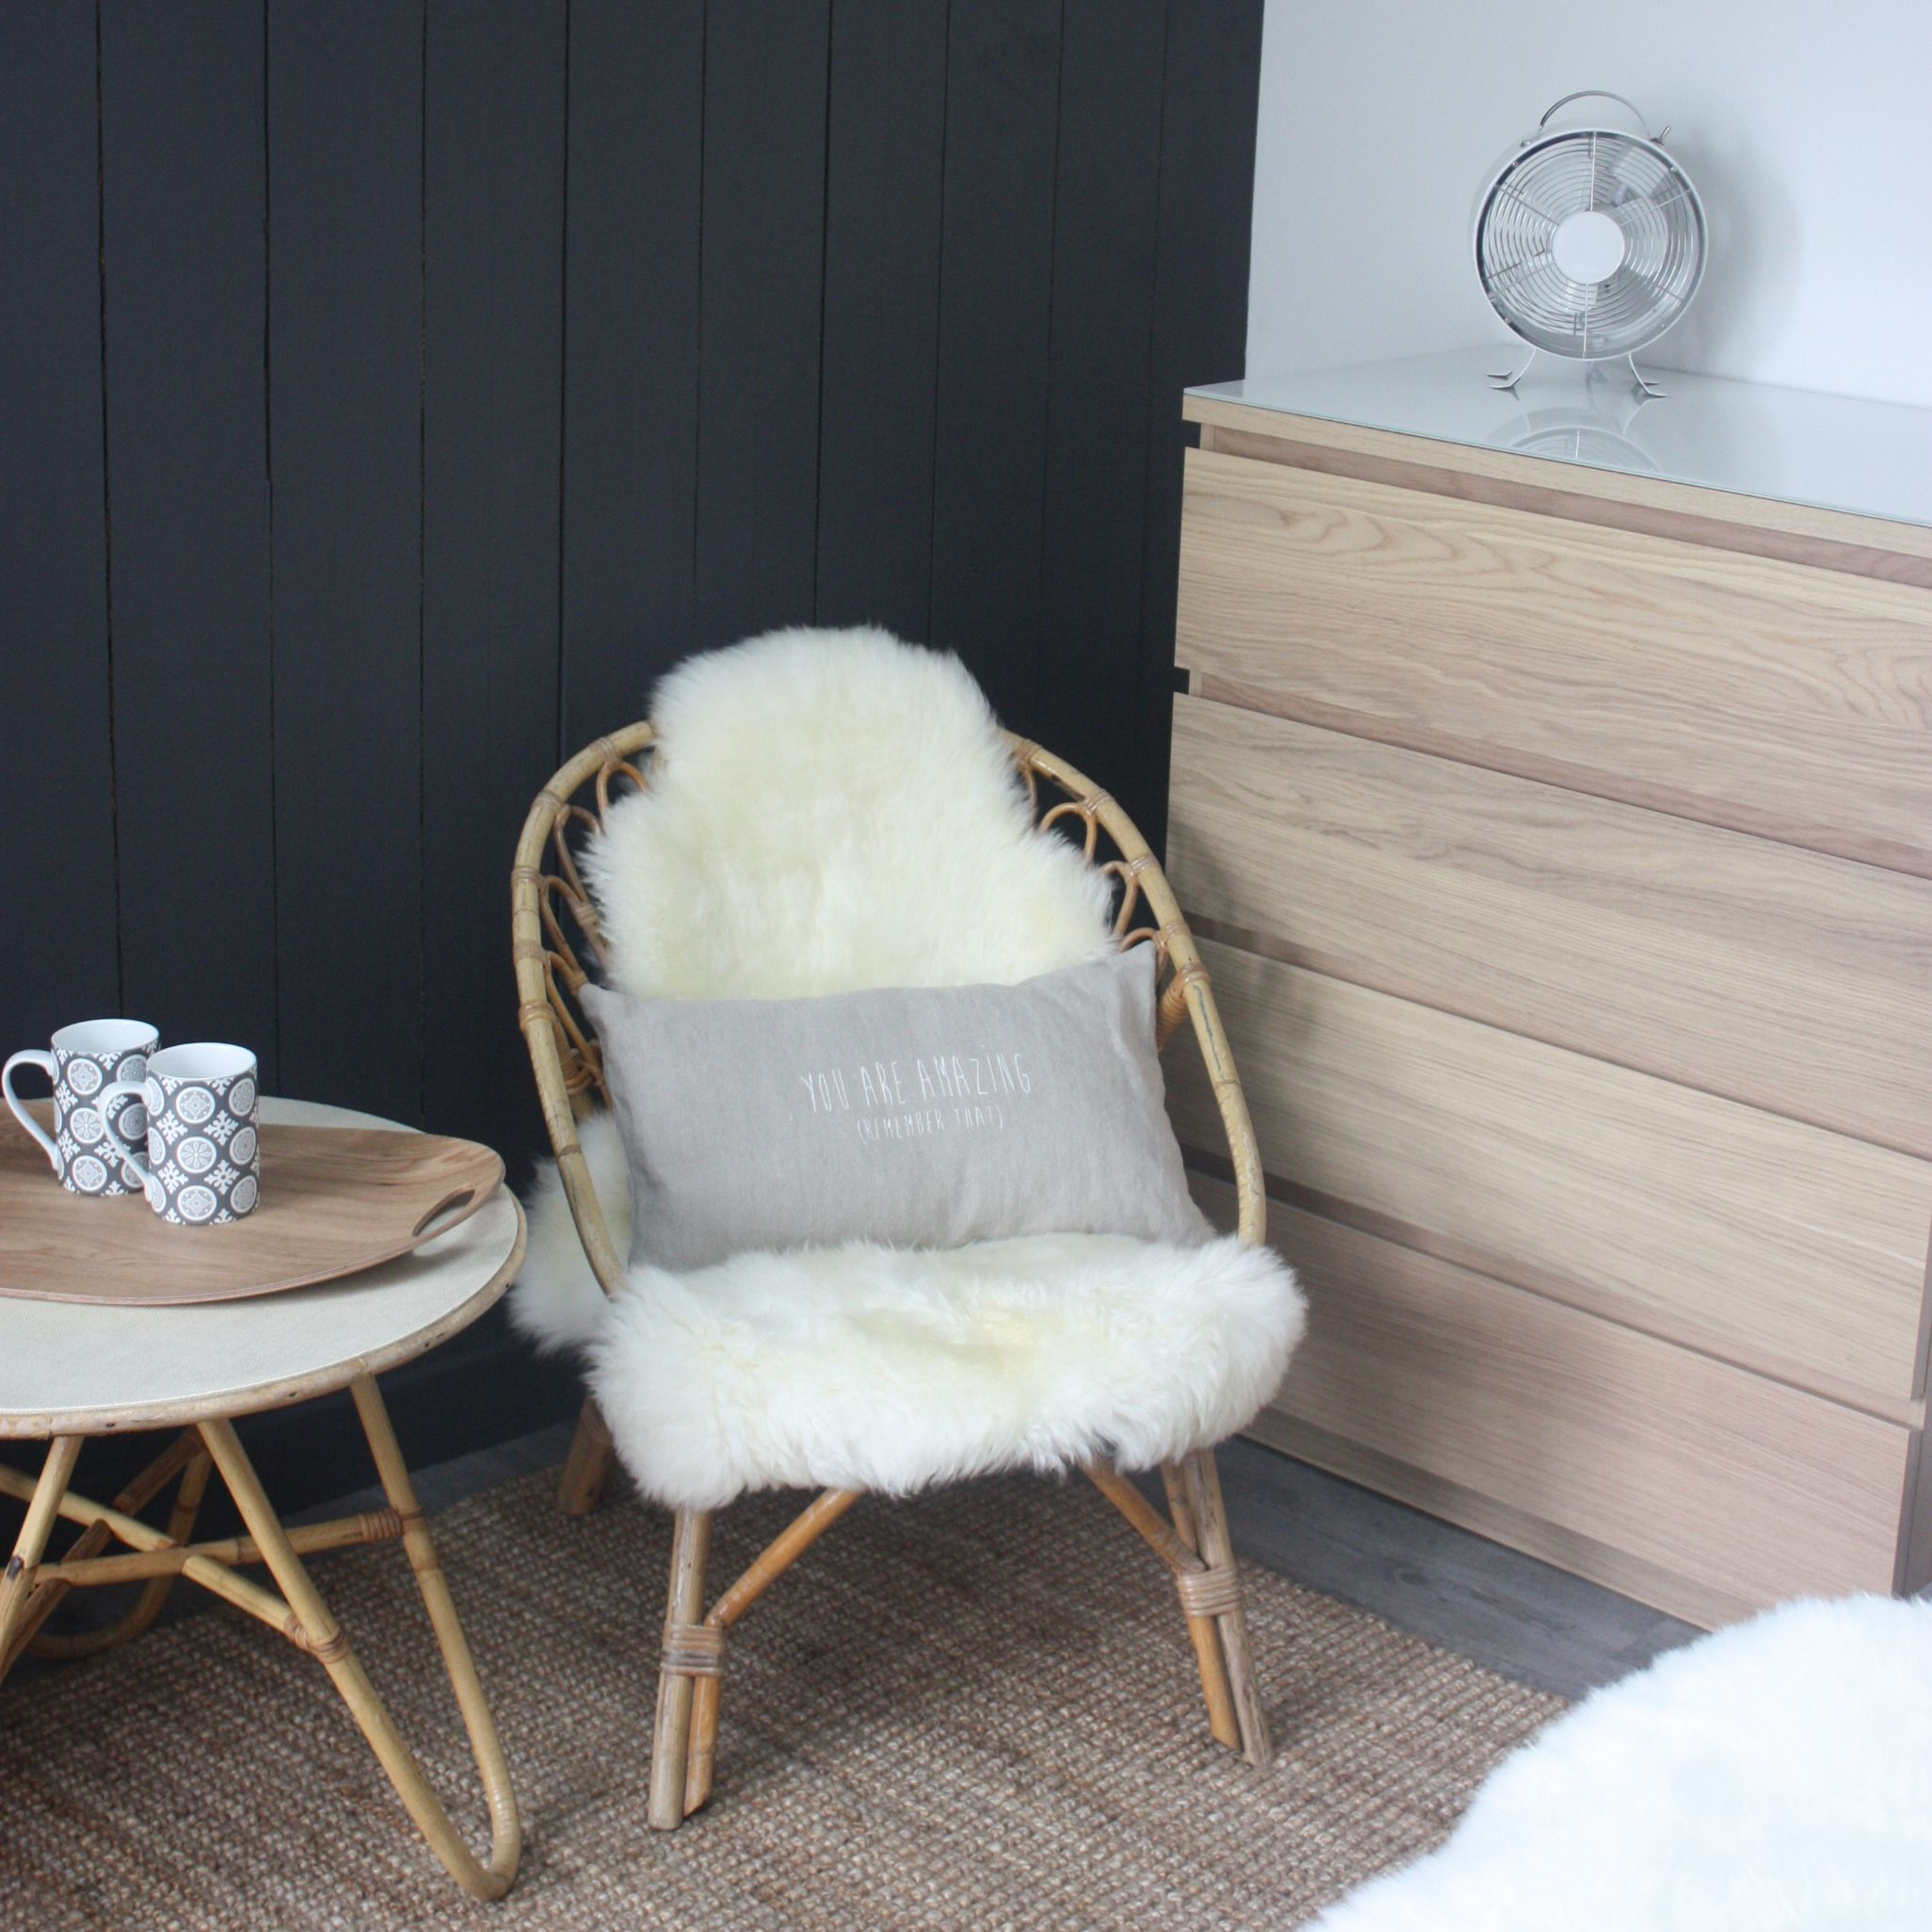 fauteuil table basse en rotin peau de mouton commode scandinave bois blond chambre le grenier de - Fauteuil Chambre